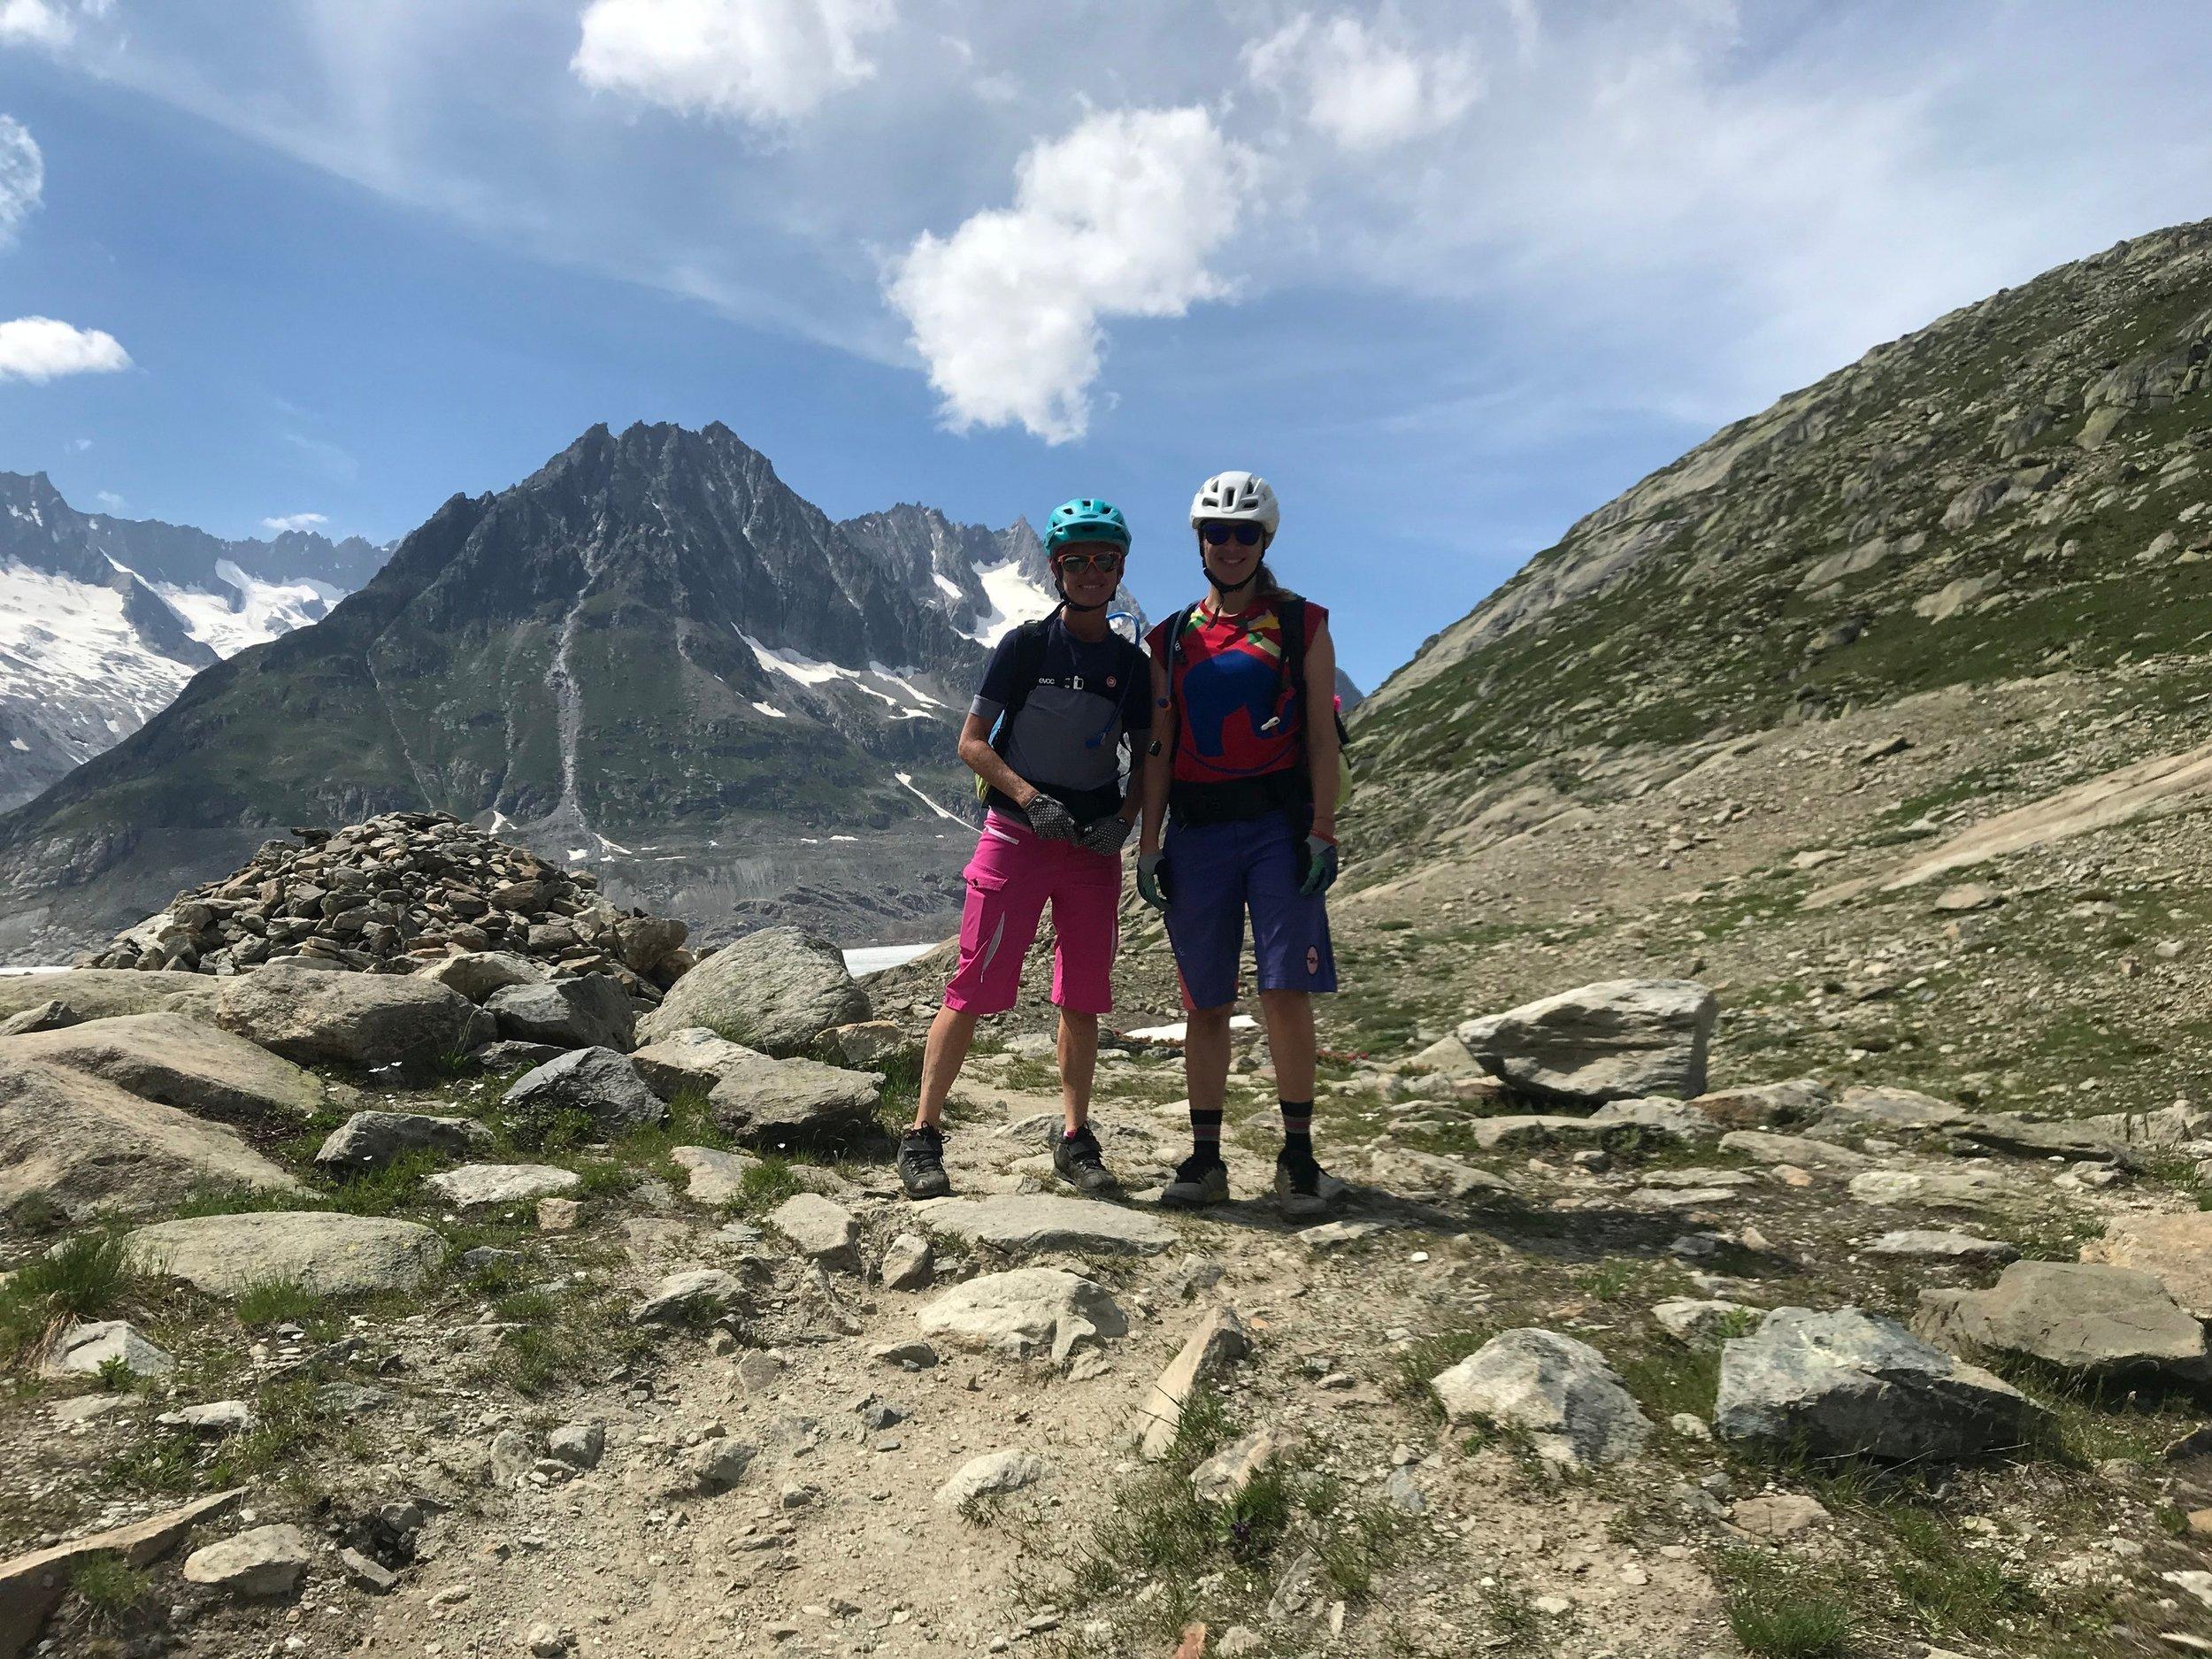 Zu Fuss gehen wir hinab zum Aletschgletscher